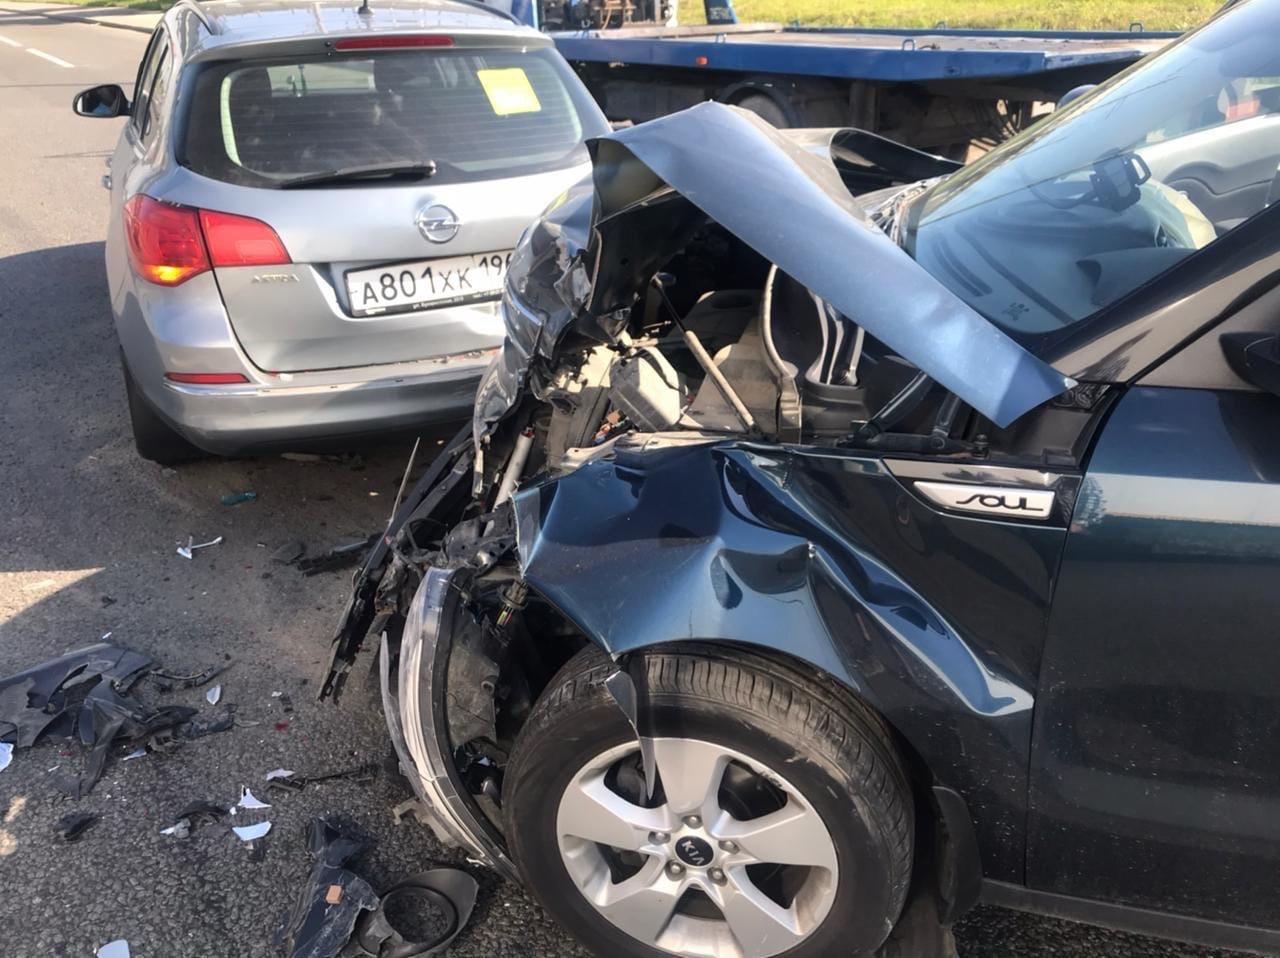 В 7:30 на Витебском проспекте, под ЖД мостом при въезде в СПб водитель Опеля подрезал женщину на Киа...